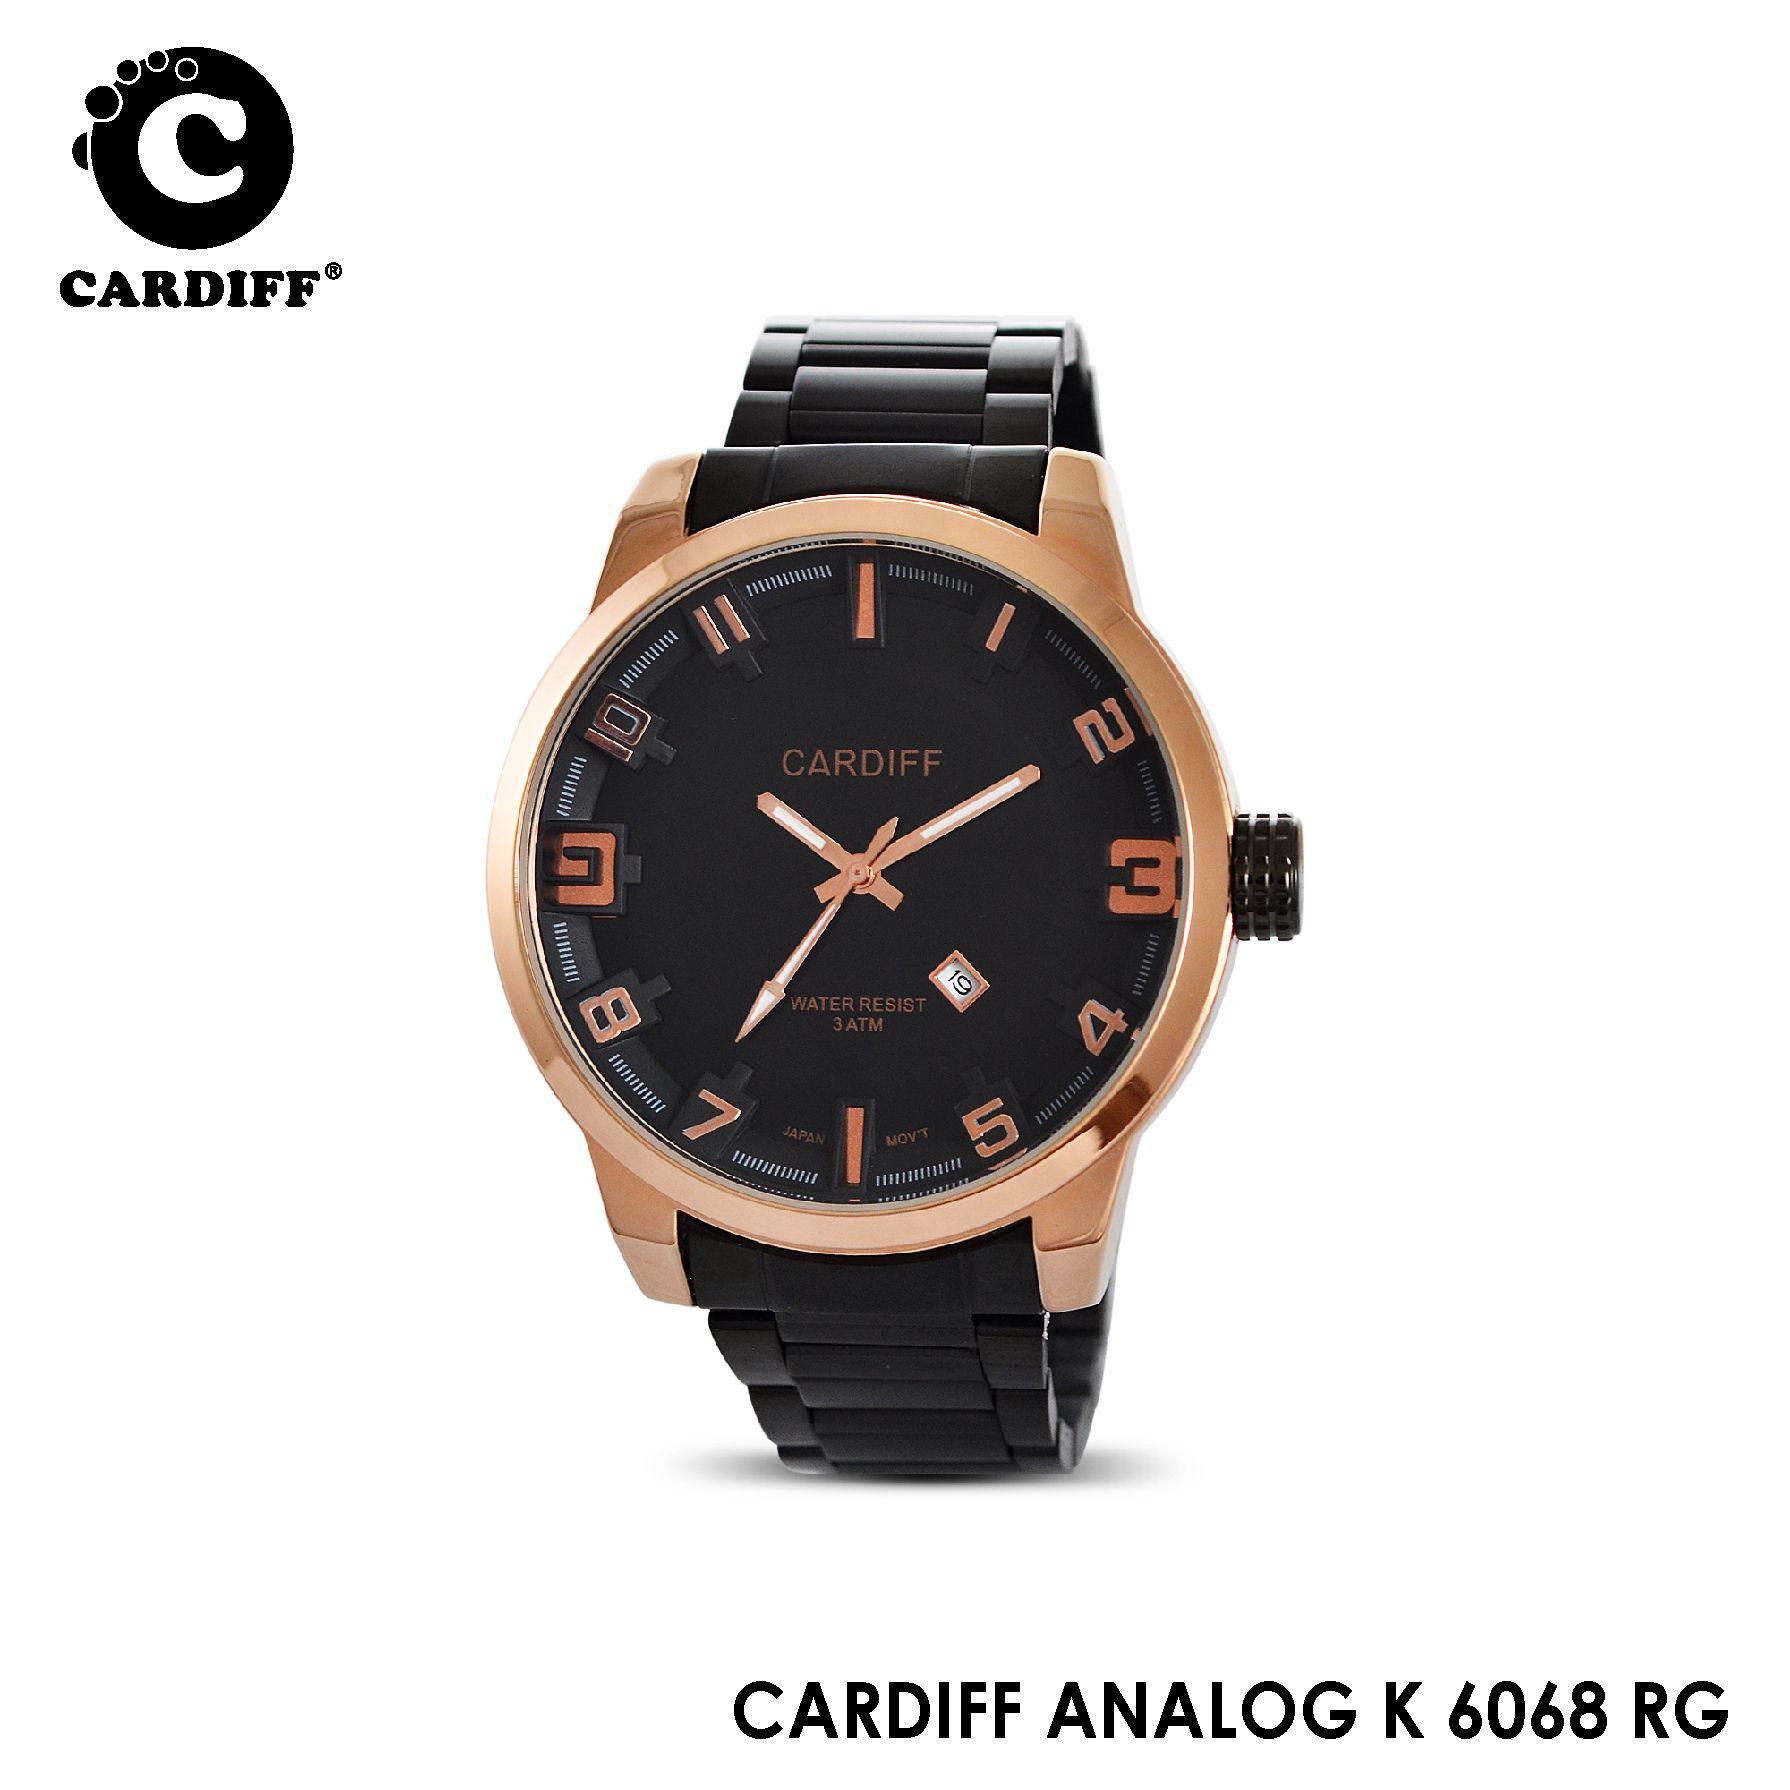 Cardiff Analog K 6068